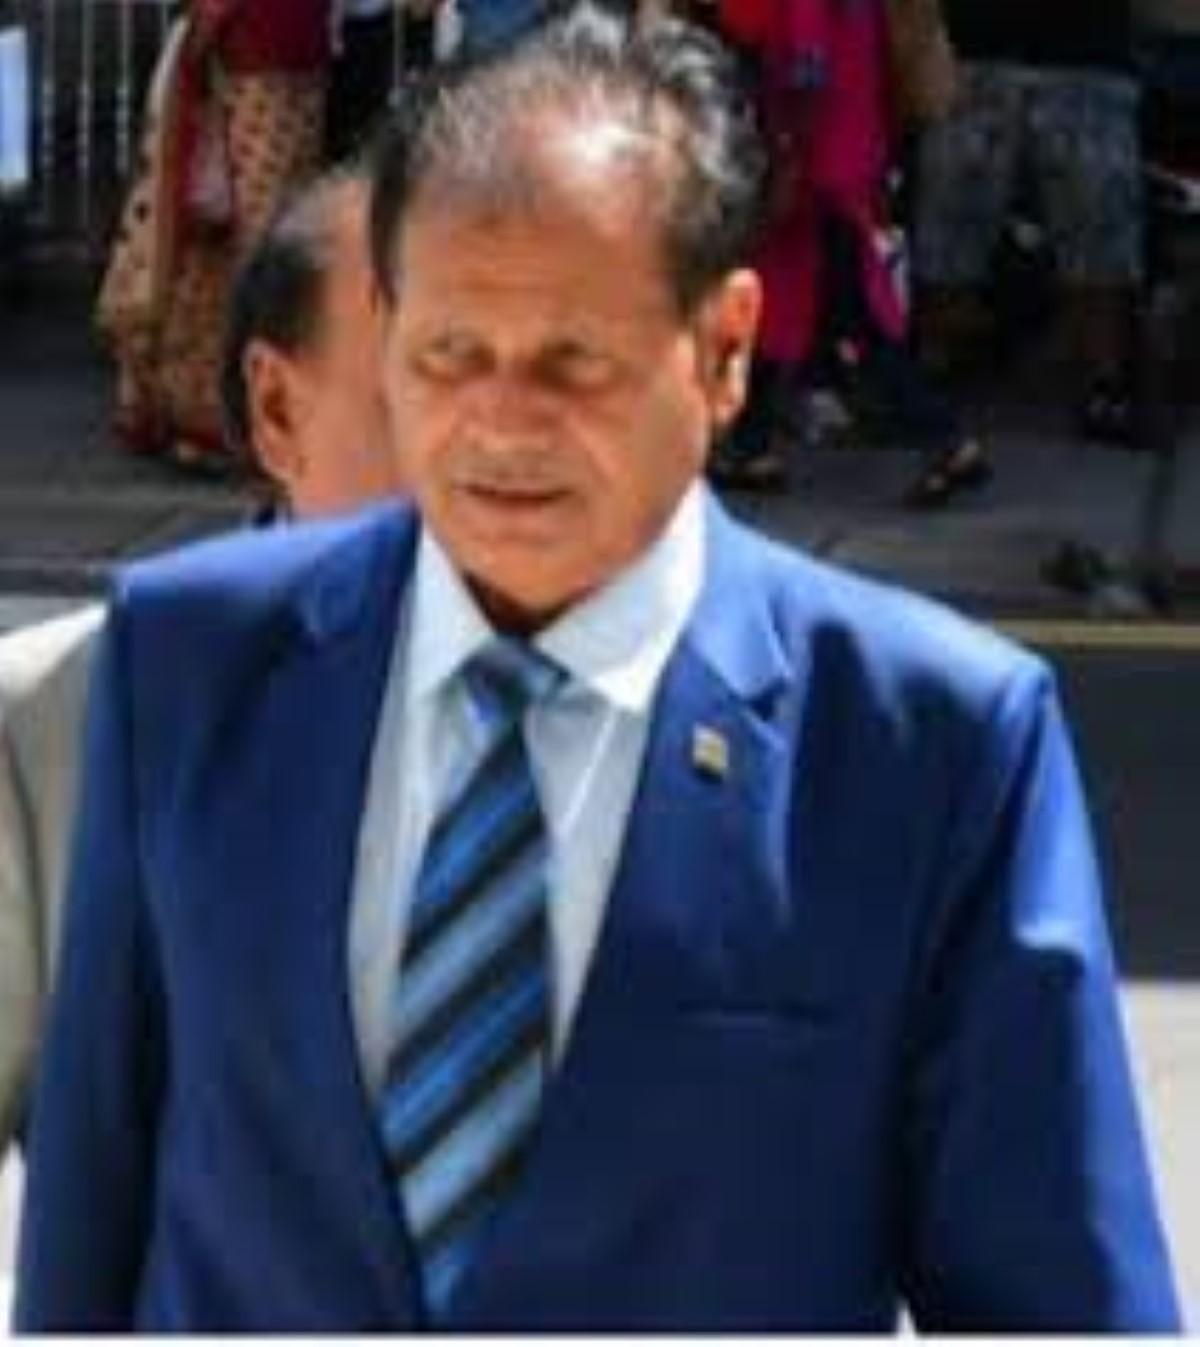 Dayal veut faire rayer son procès pour abus de procédure